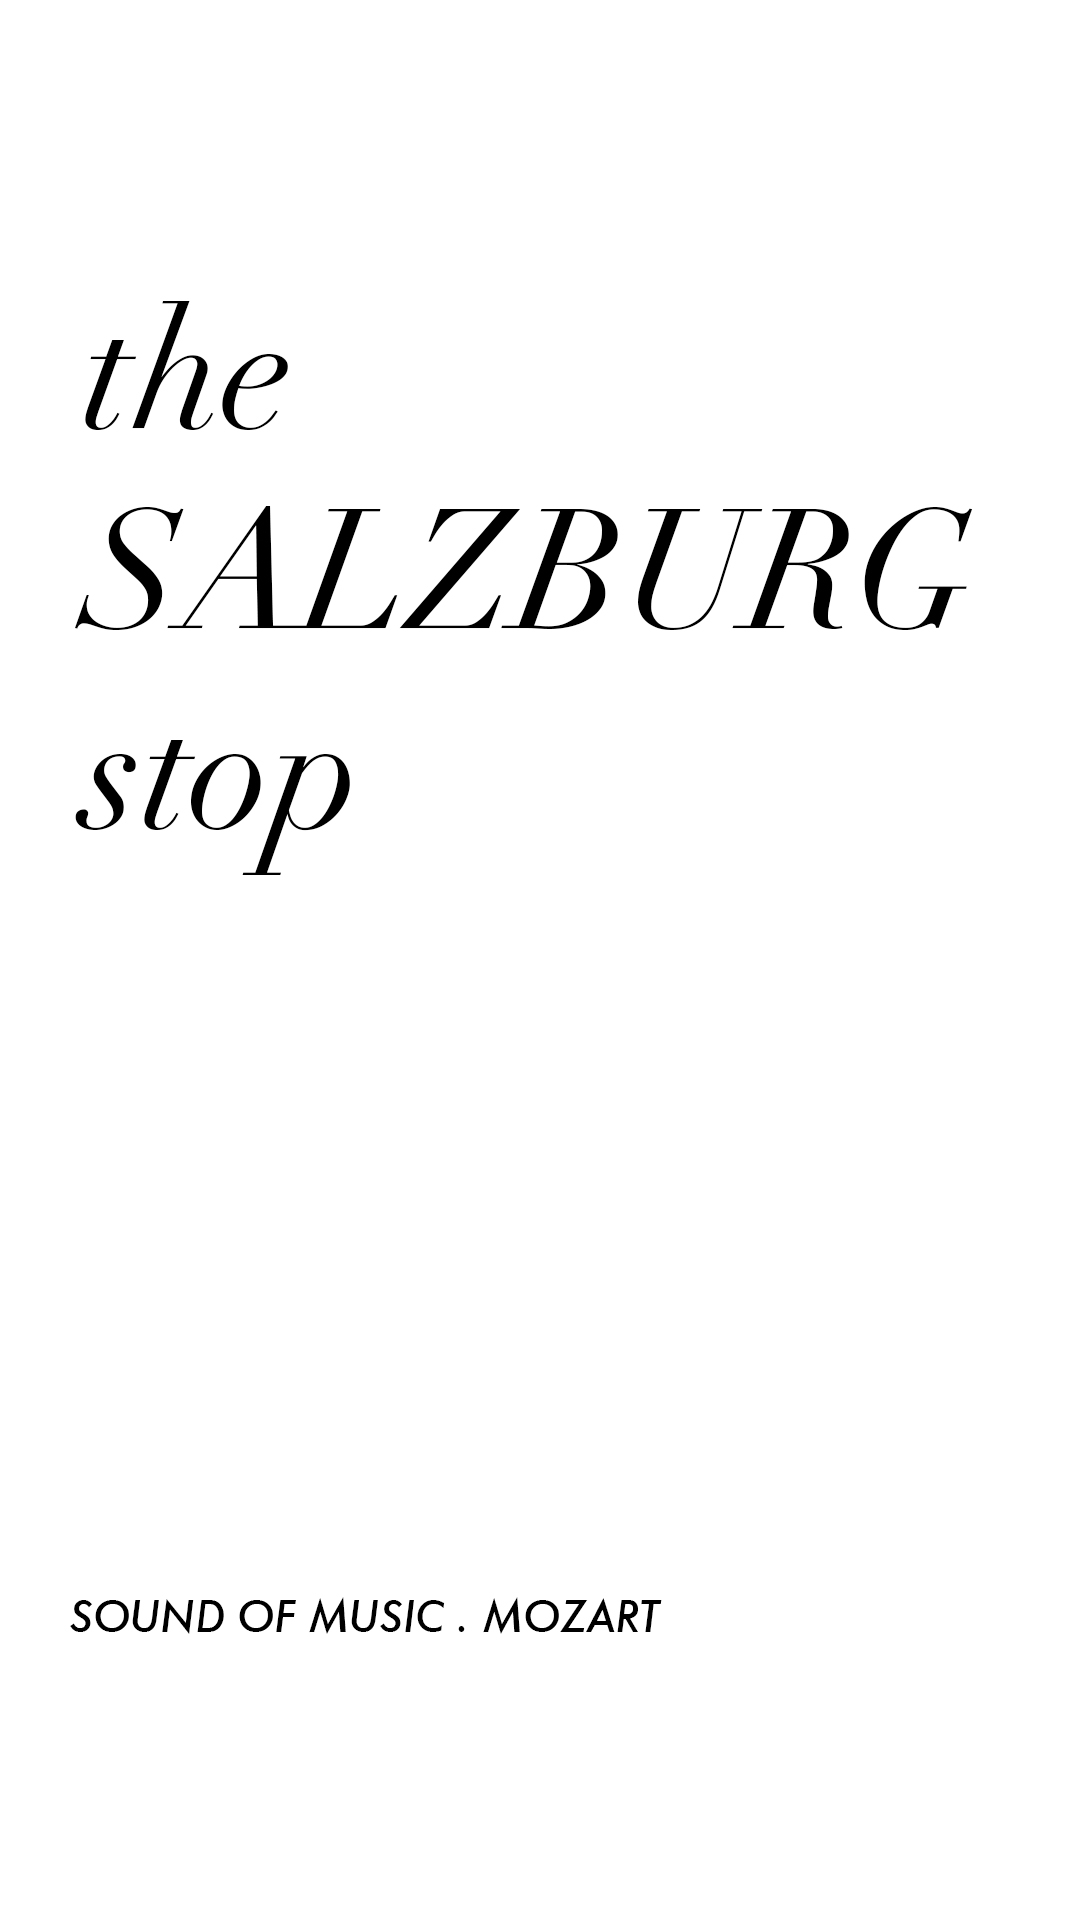 4_TEV_SALZBURG.jpg